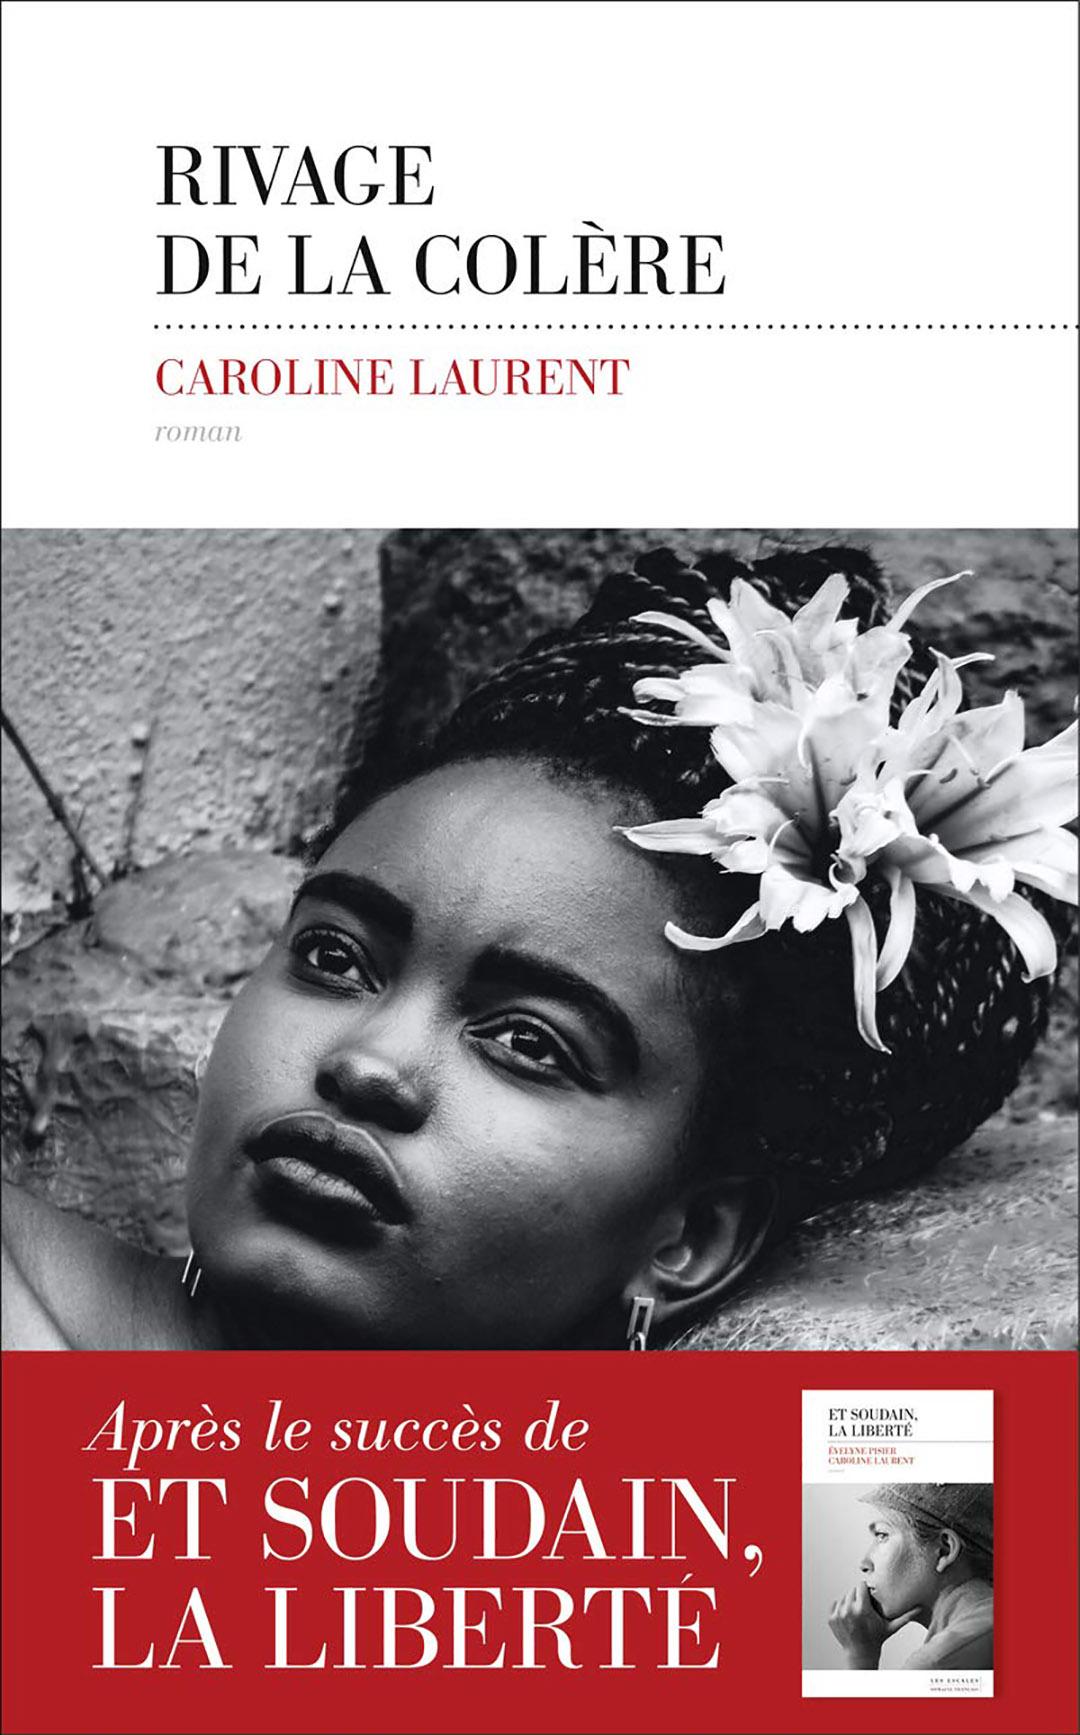 « Rivage de la colère » de Caroline Laurent, aux éditions Les Escales (434 pages, 19,90 euros) et chez Pocket à partir du 7 janvier 2021 (7,95 €)